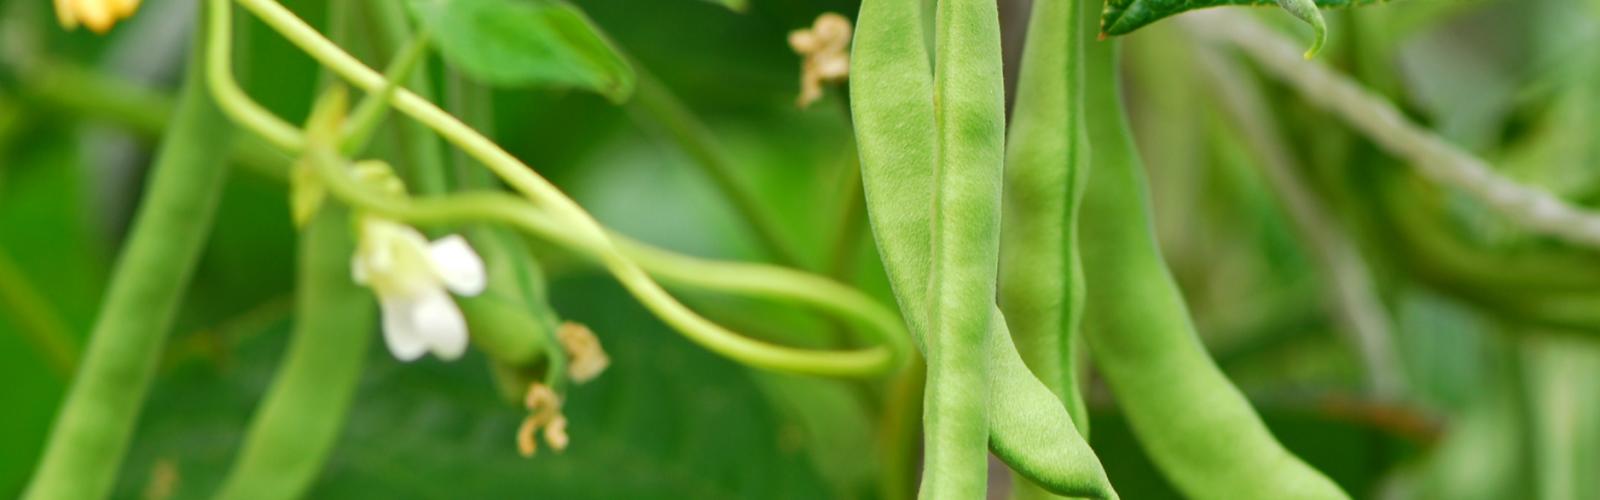 a green bean plant